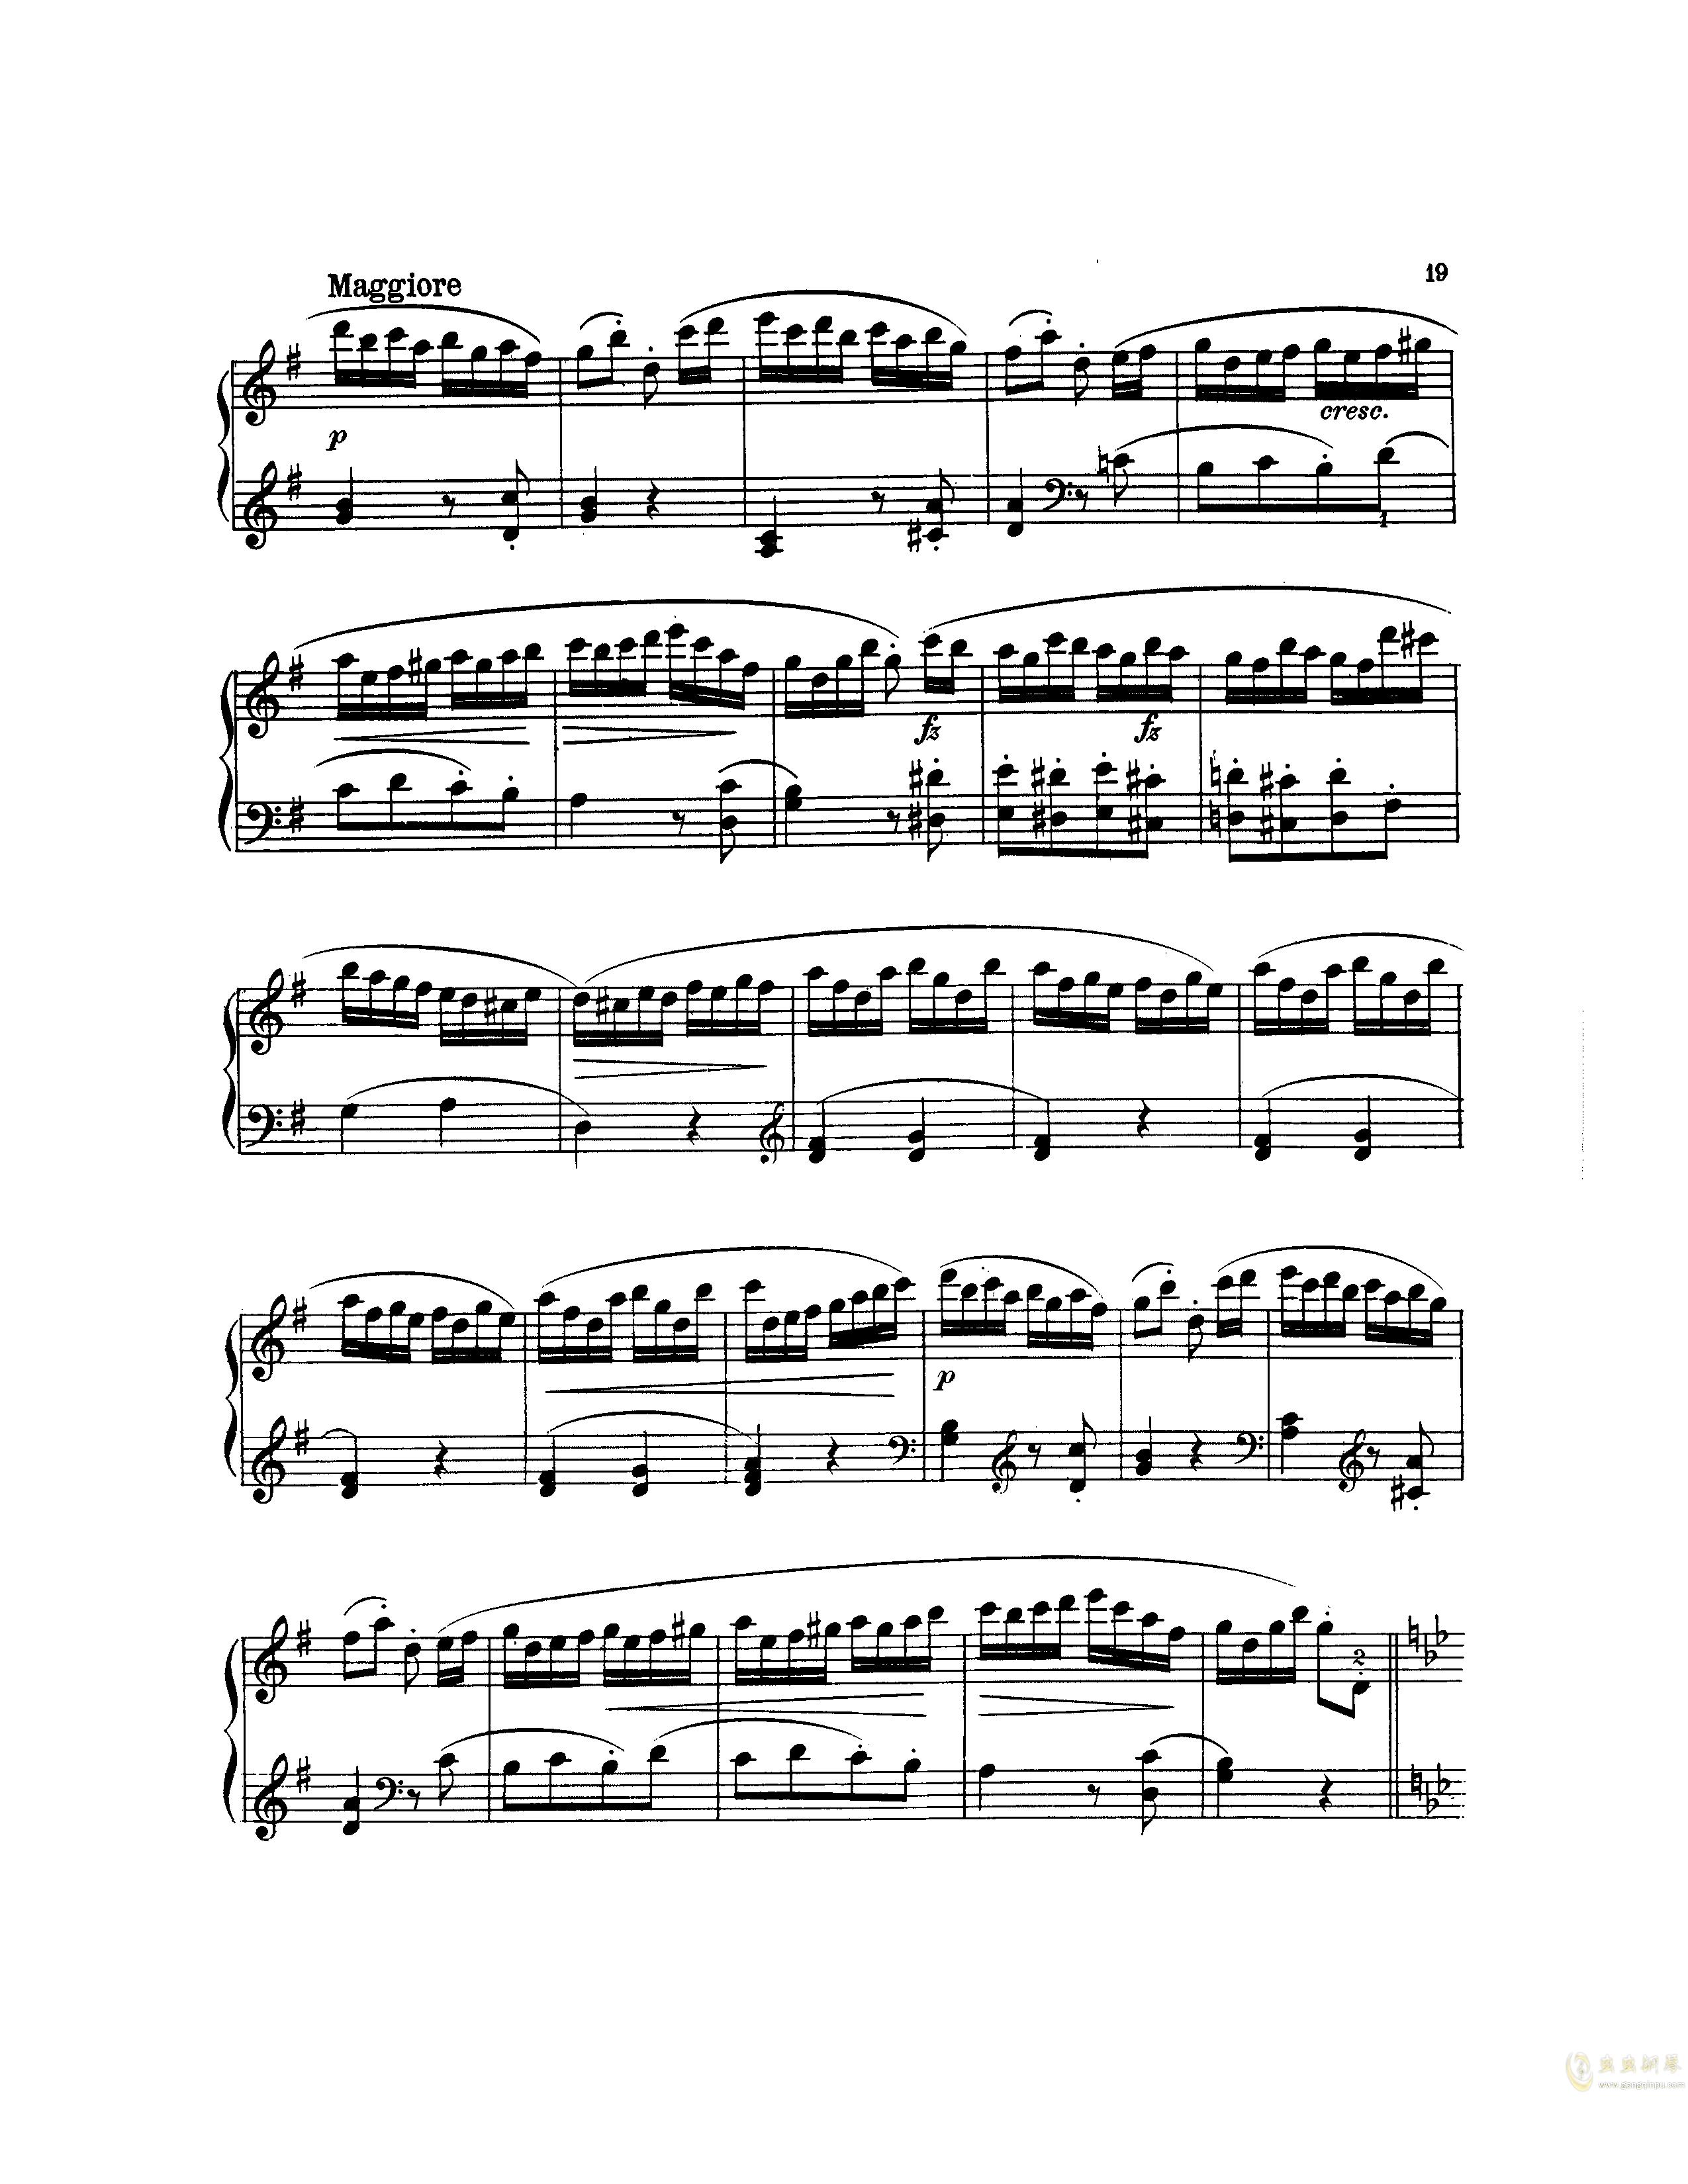 吉普赛回旋曲钢琴谱 第4页